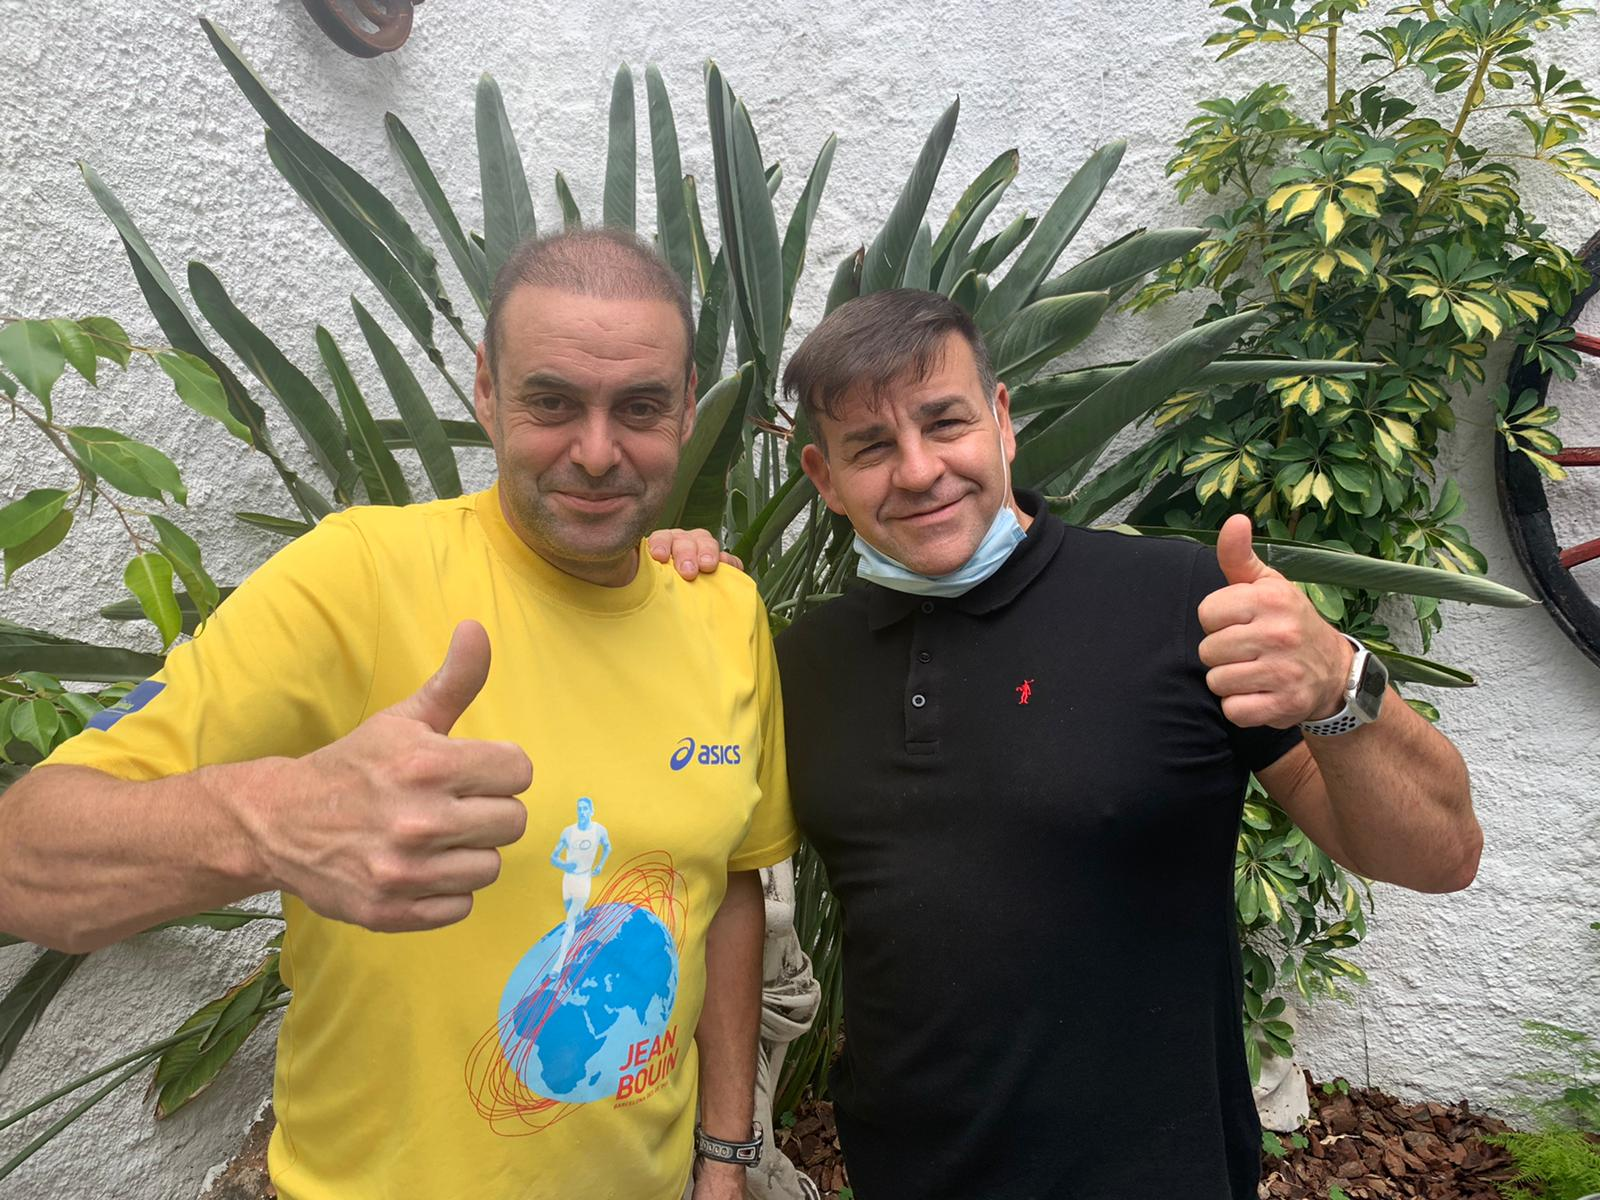 Injerto capilar de Piñi del canal de Youtube El Flequillo Para Cuando 42 Años de Ciudad Real con cliniFUE